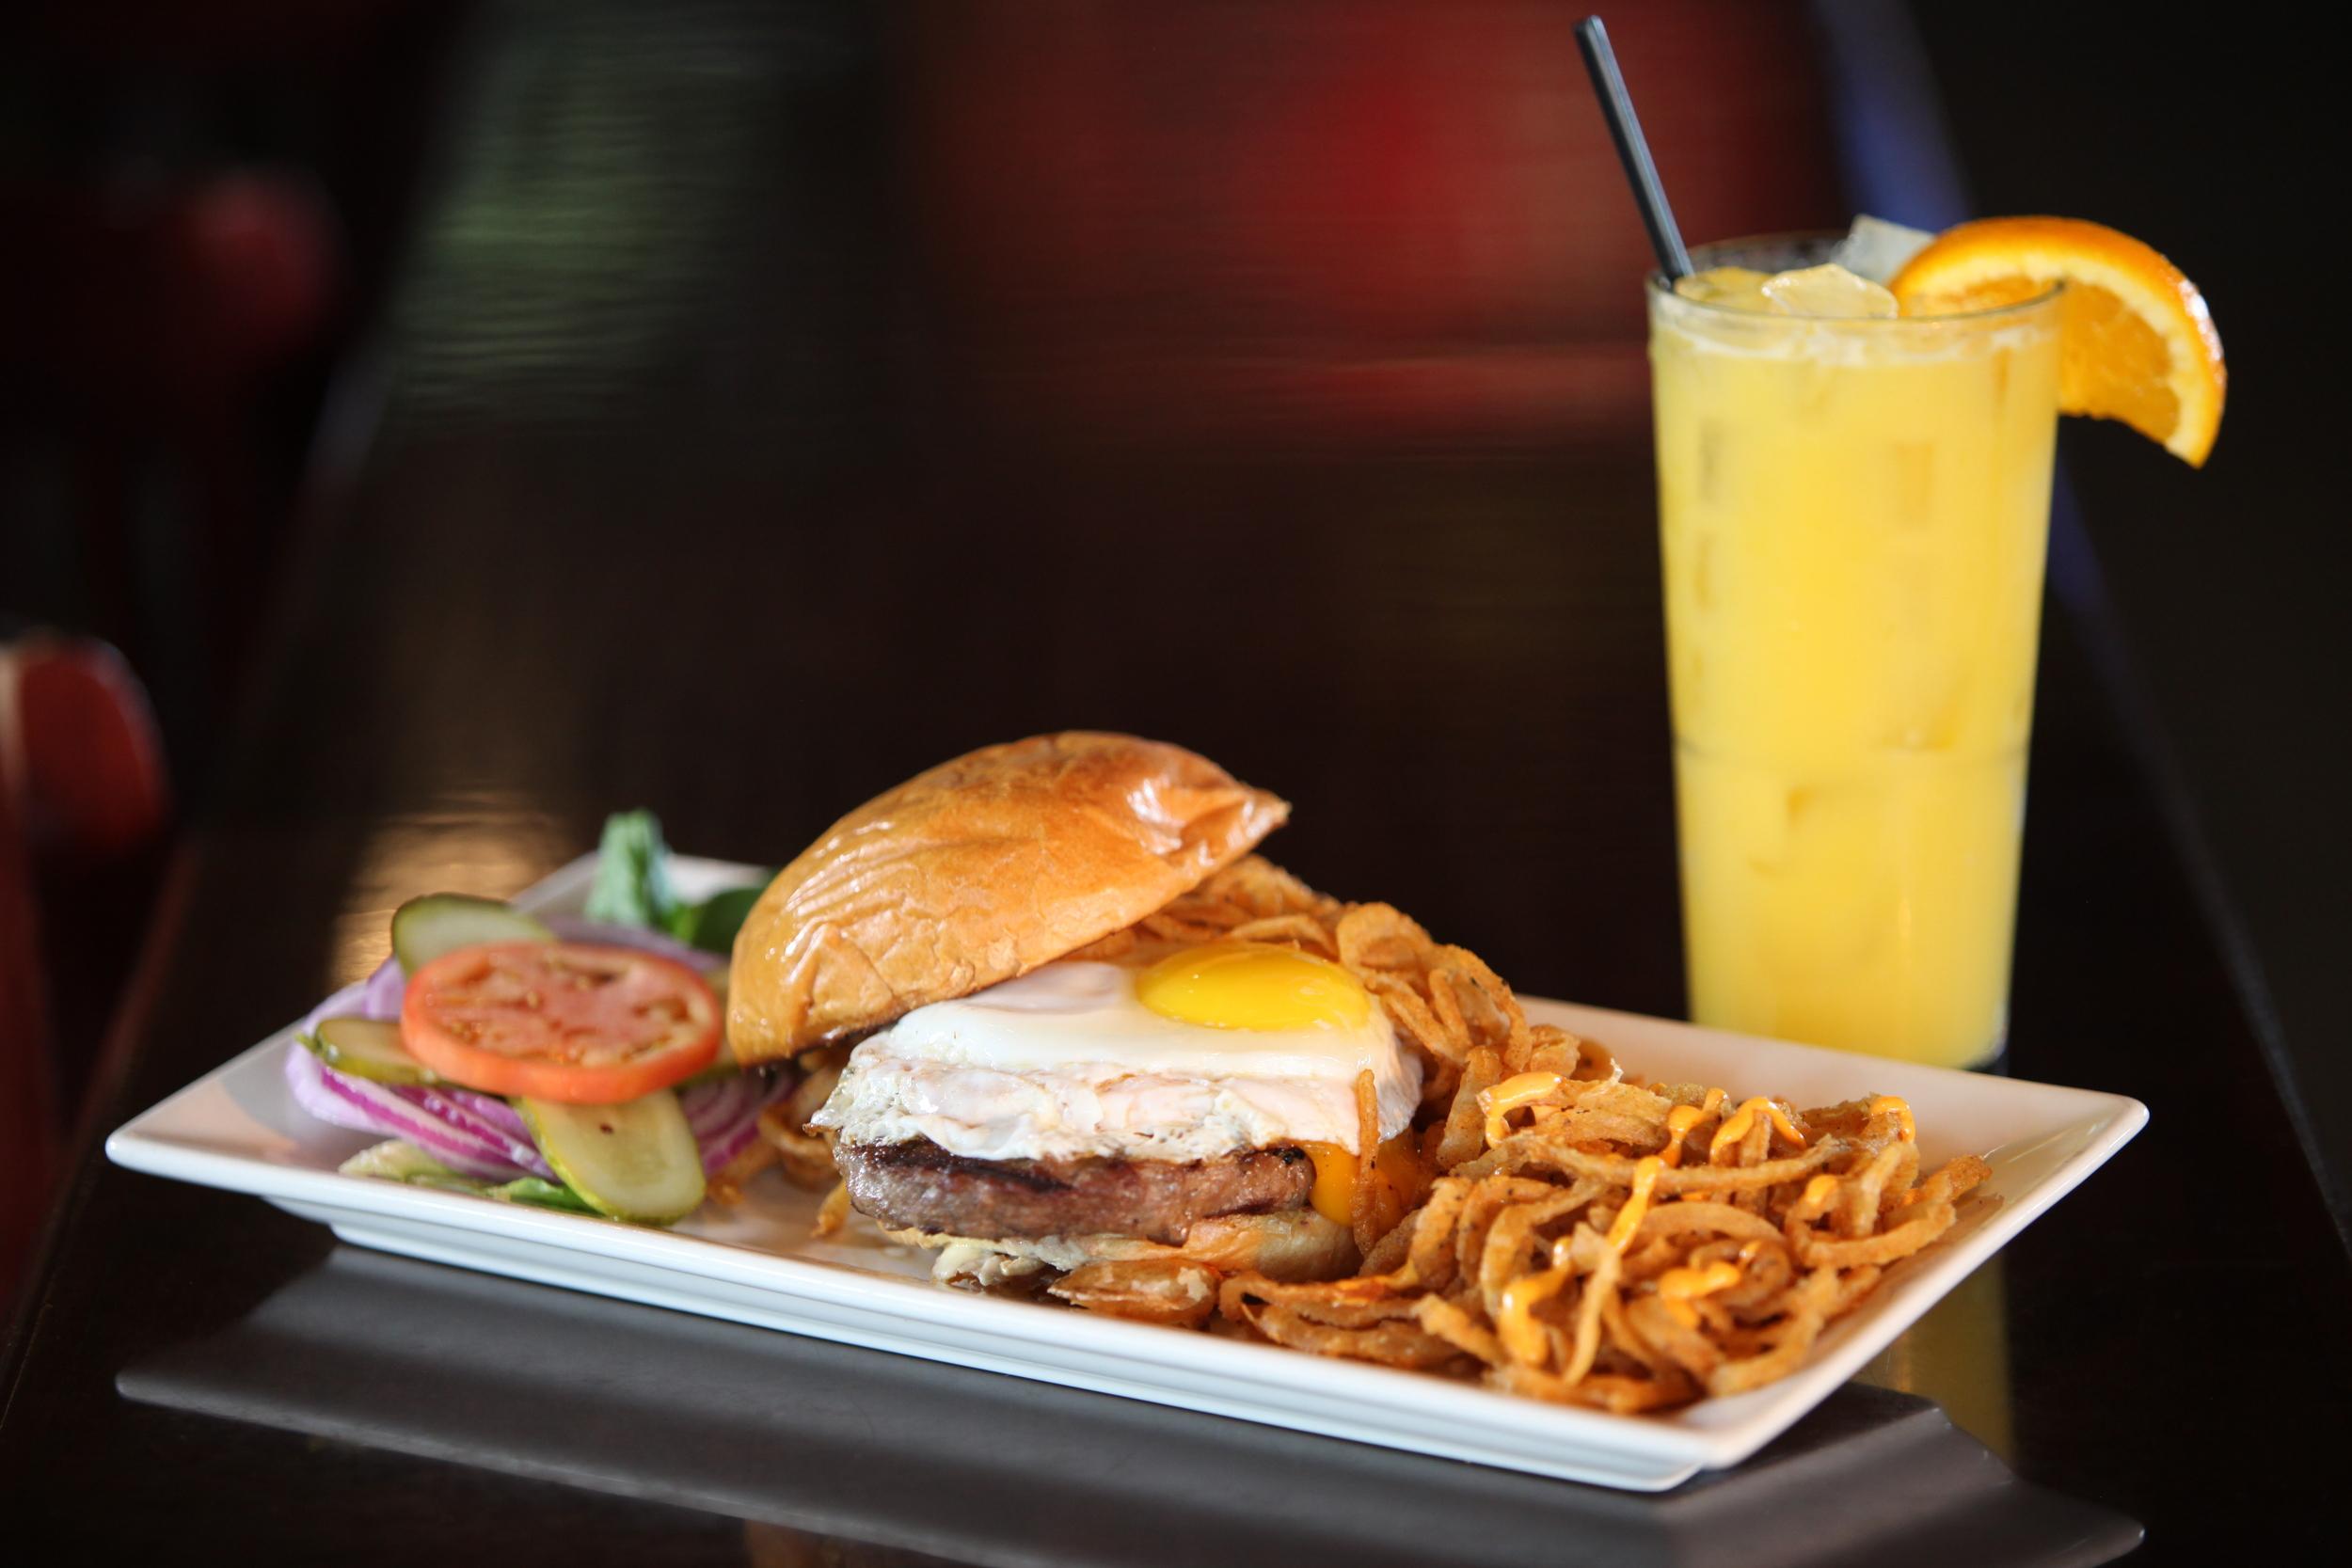 West Des Moines' Best Burgers